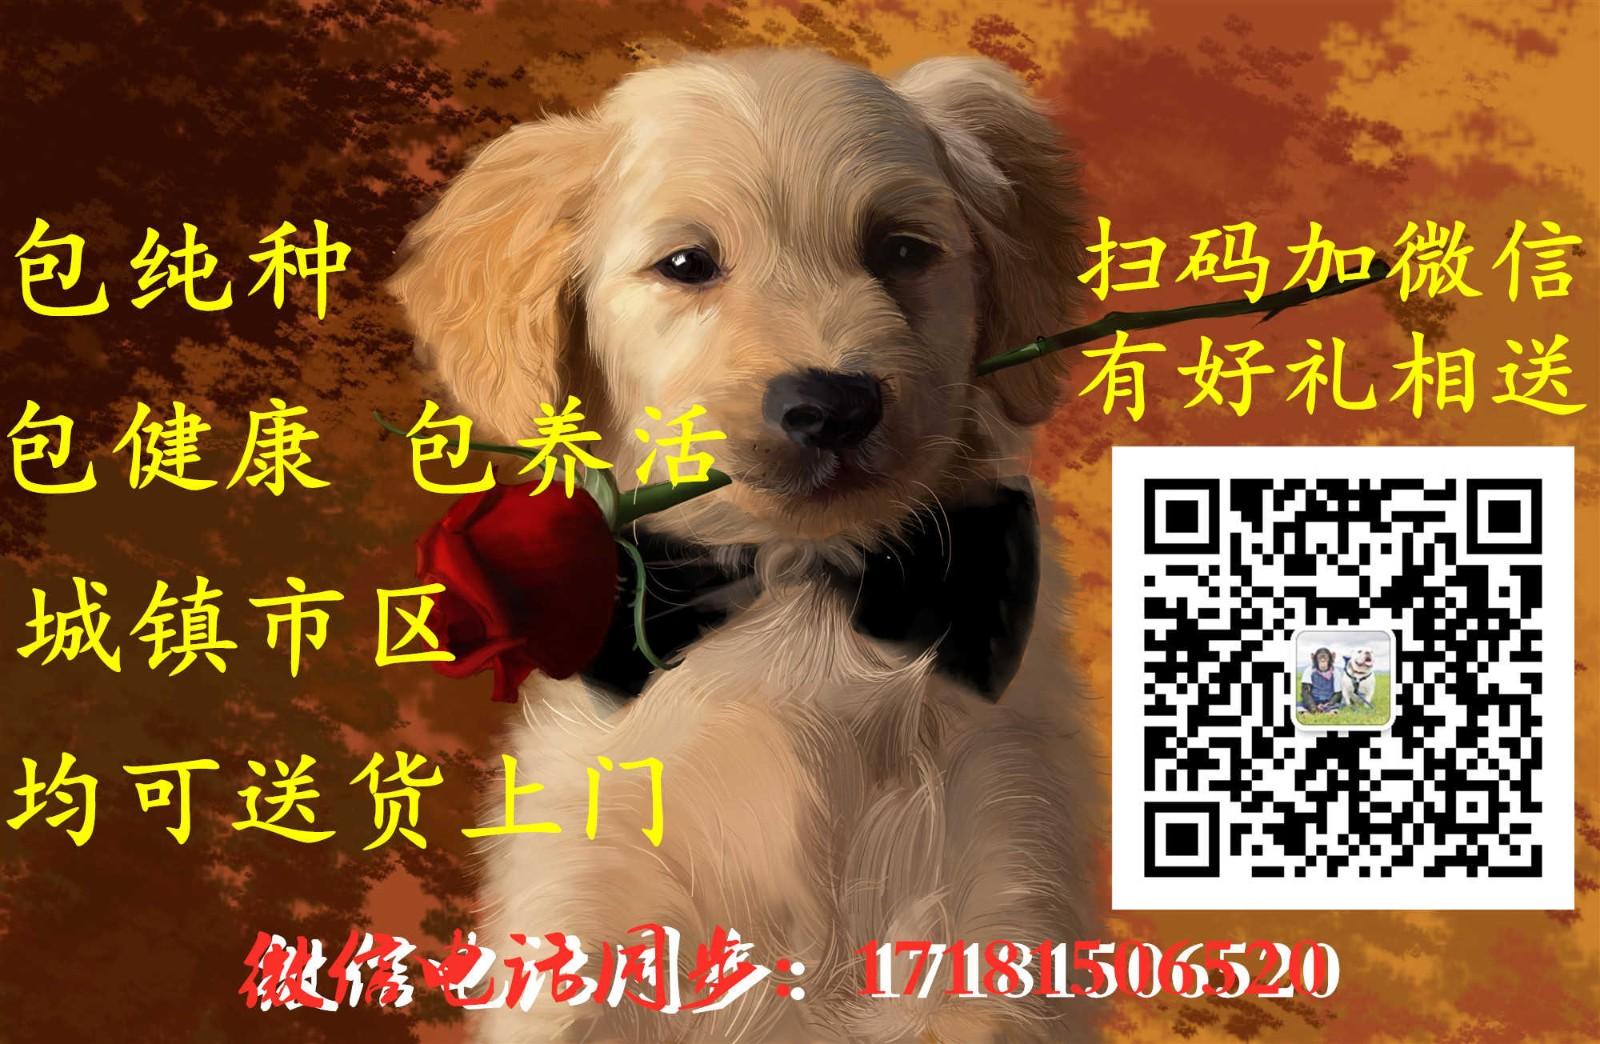 成都大型犬舍低价热卖极品杜高犬签订协议包细小犬瘟热5